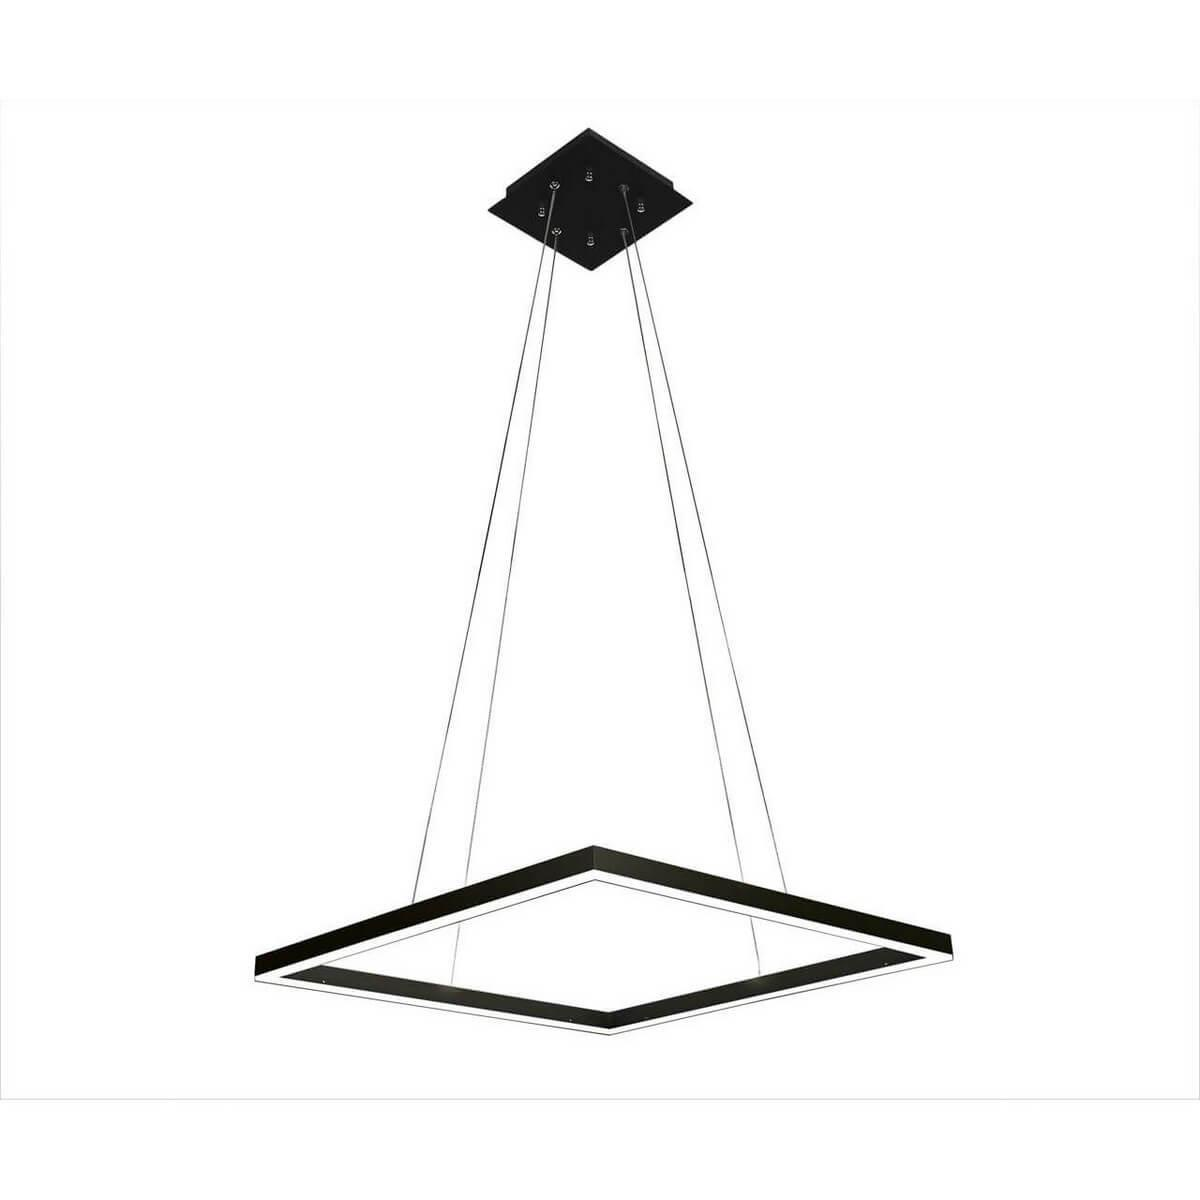 Подвесной светильник Kink Light 08225,19(4000K), LED, 36 Вт kink light подвесной светодиодный светильник kink light парете 08725 2